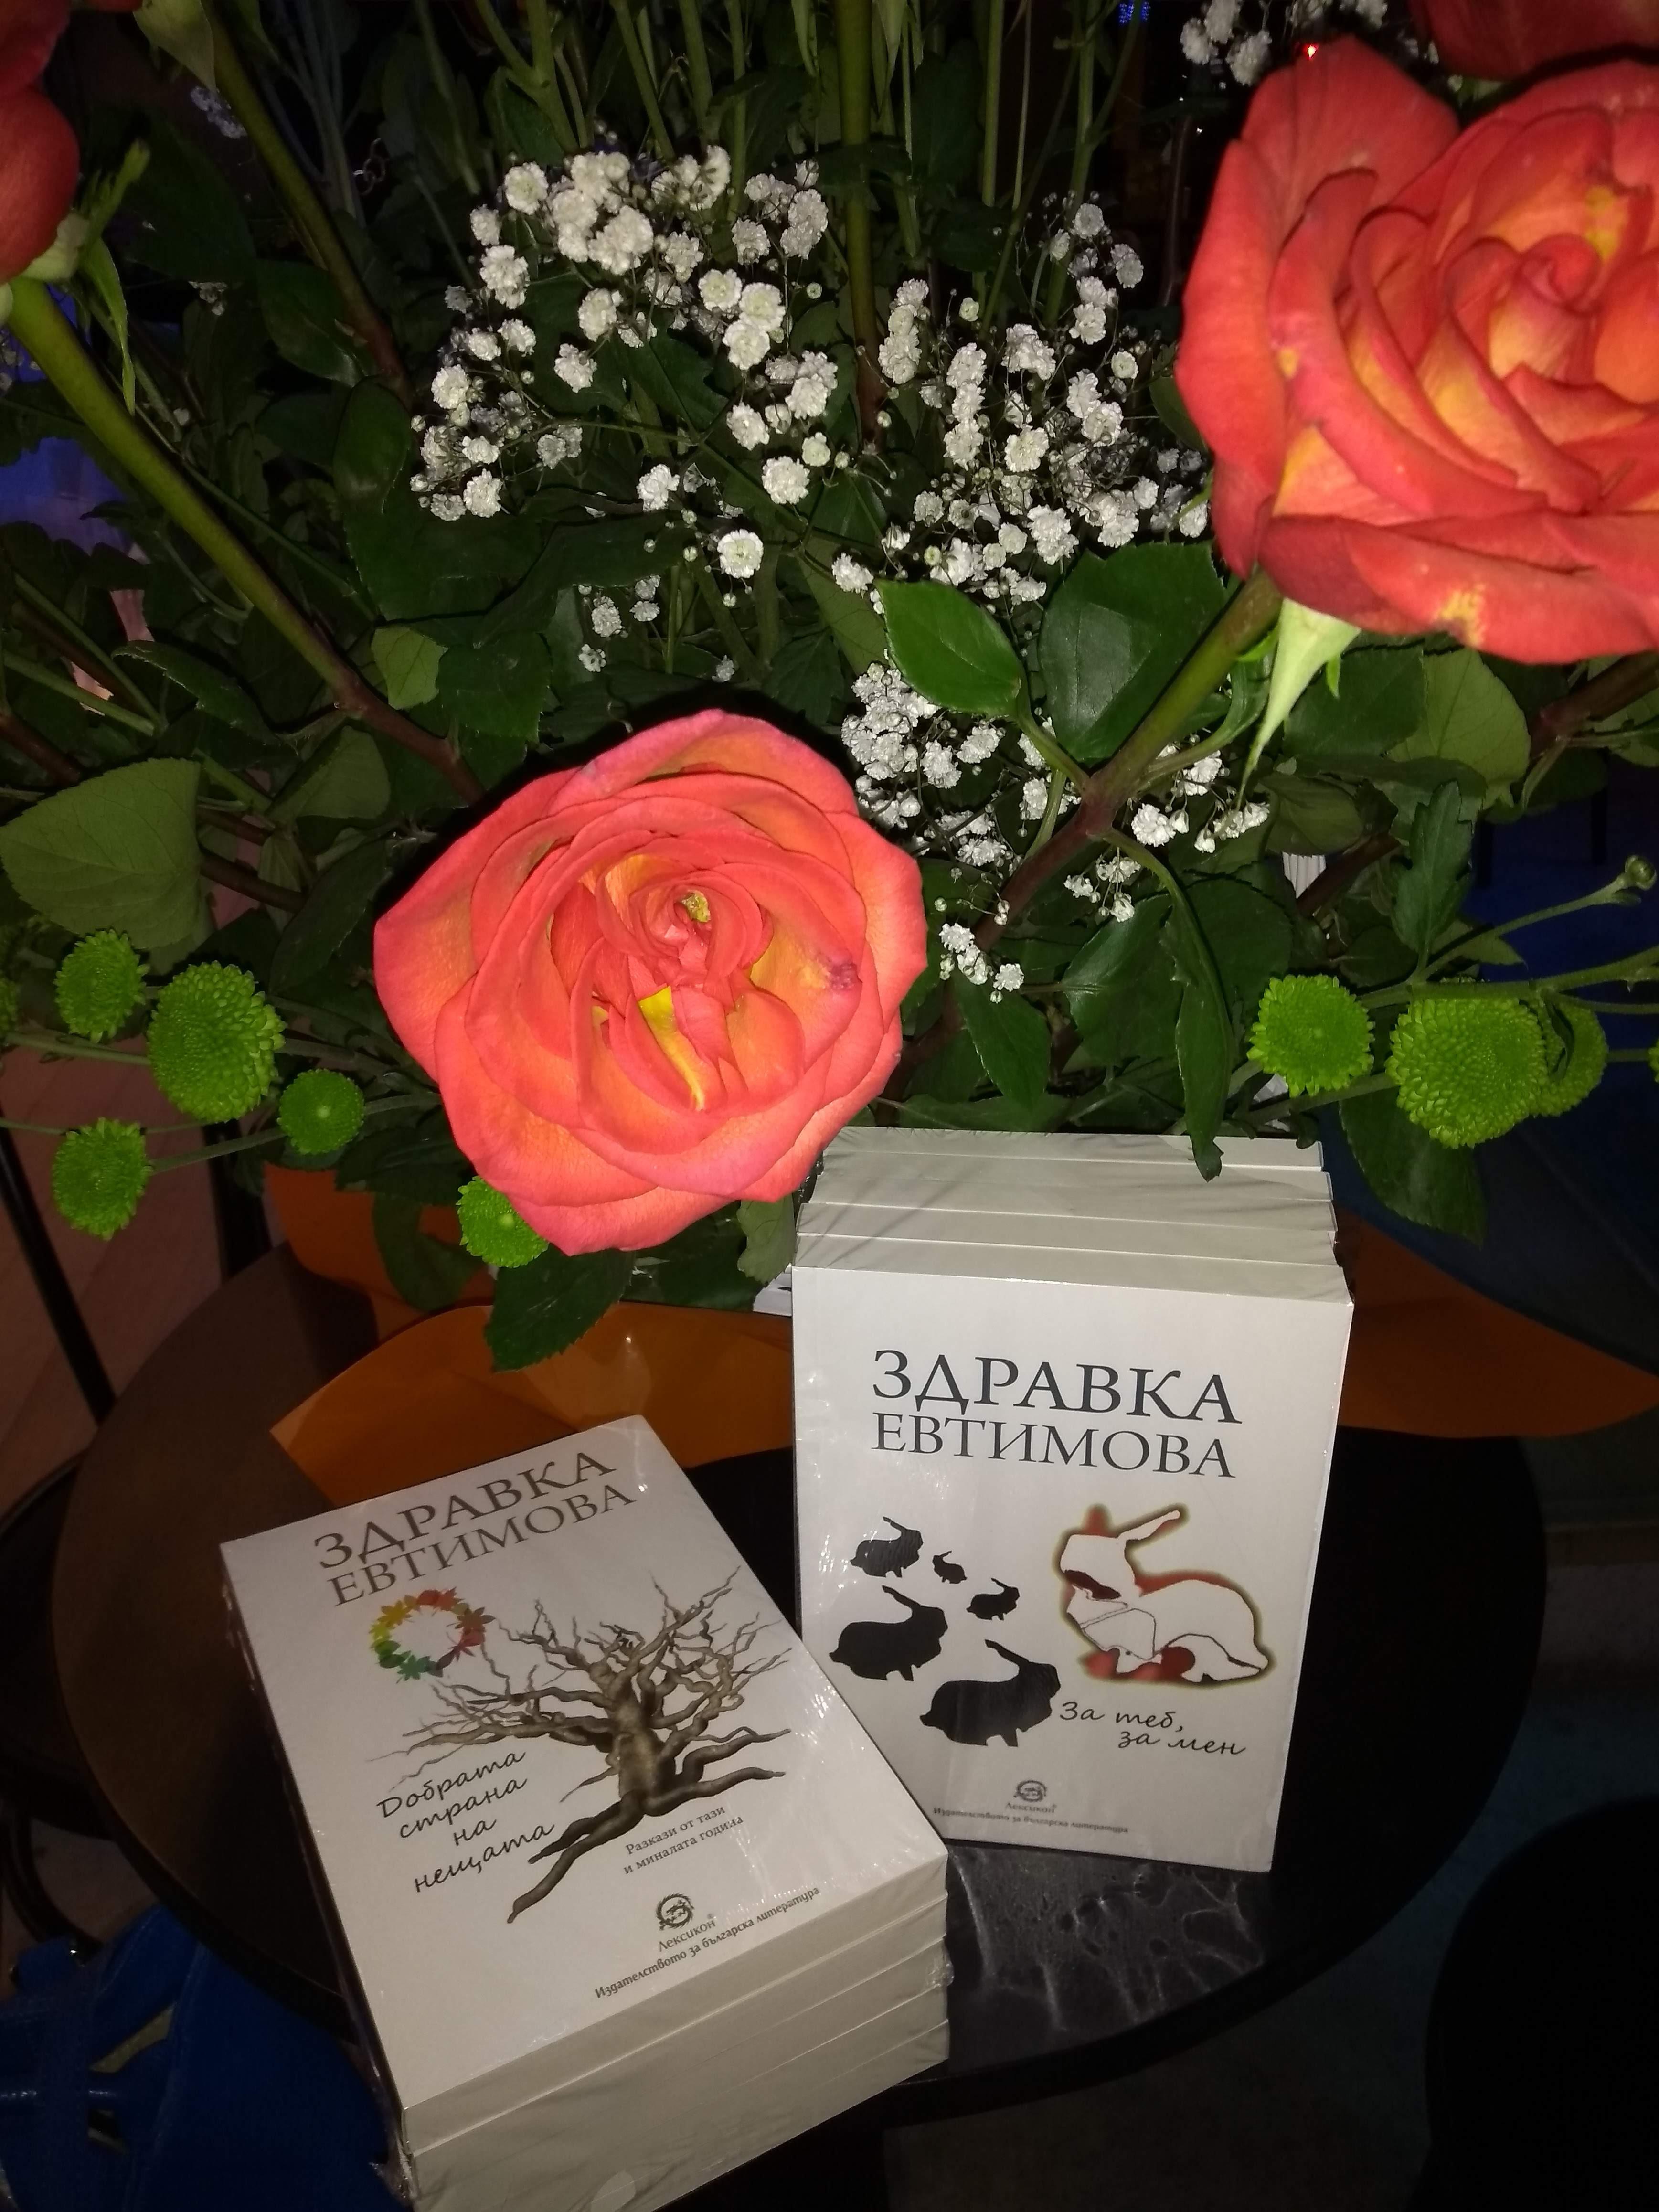 Комплект  две книги от Здравка Евтимова